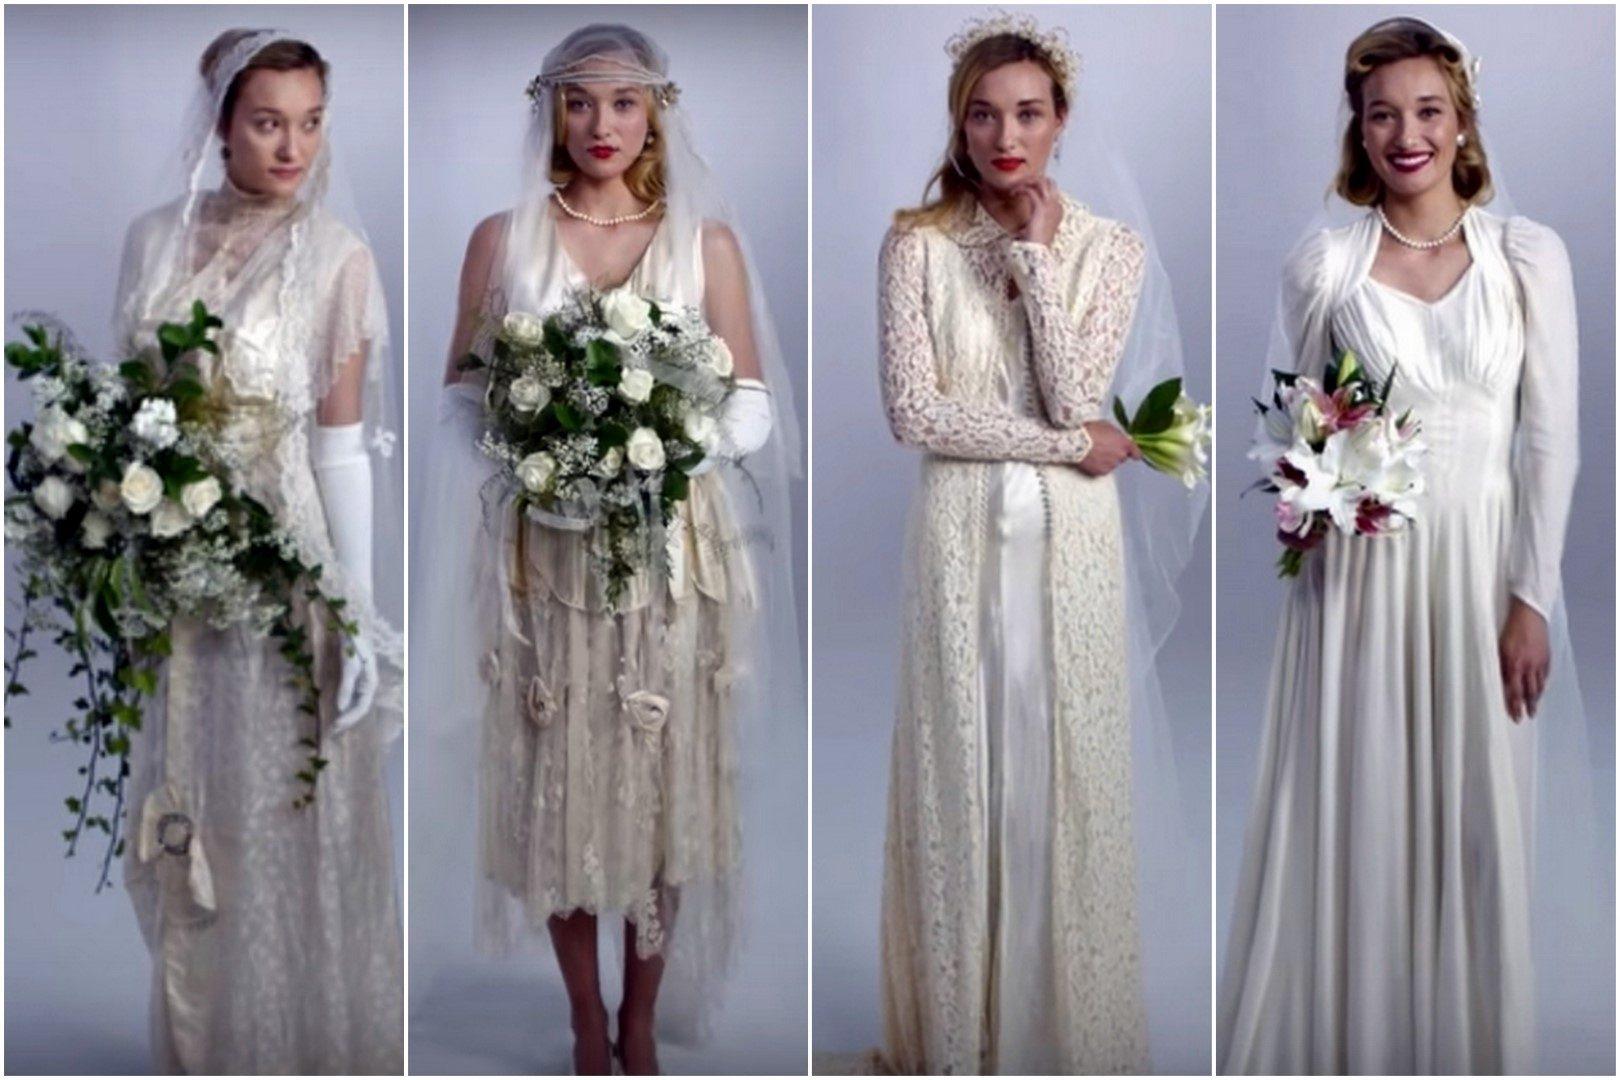 100 év esküvői ruháinak története 3 percben  fdd21c68f7